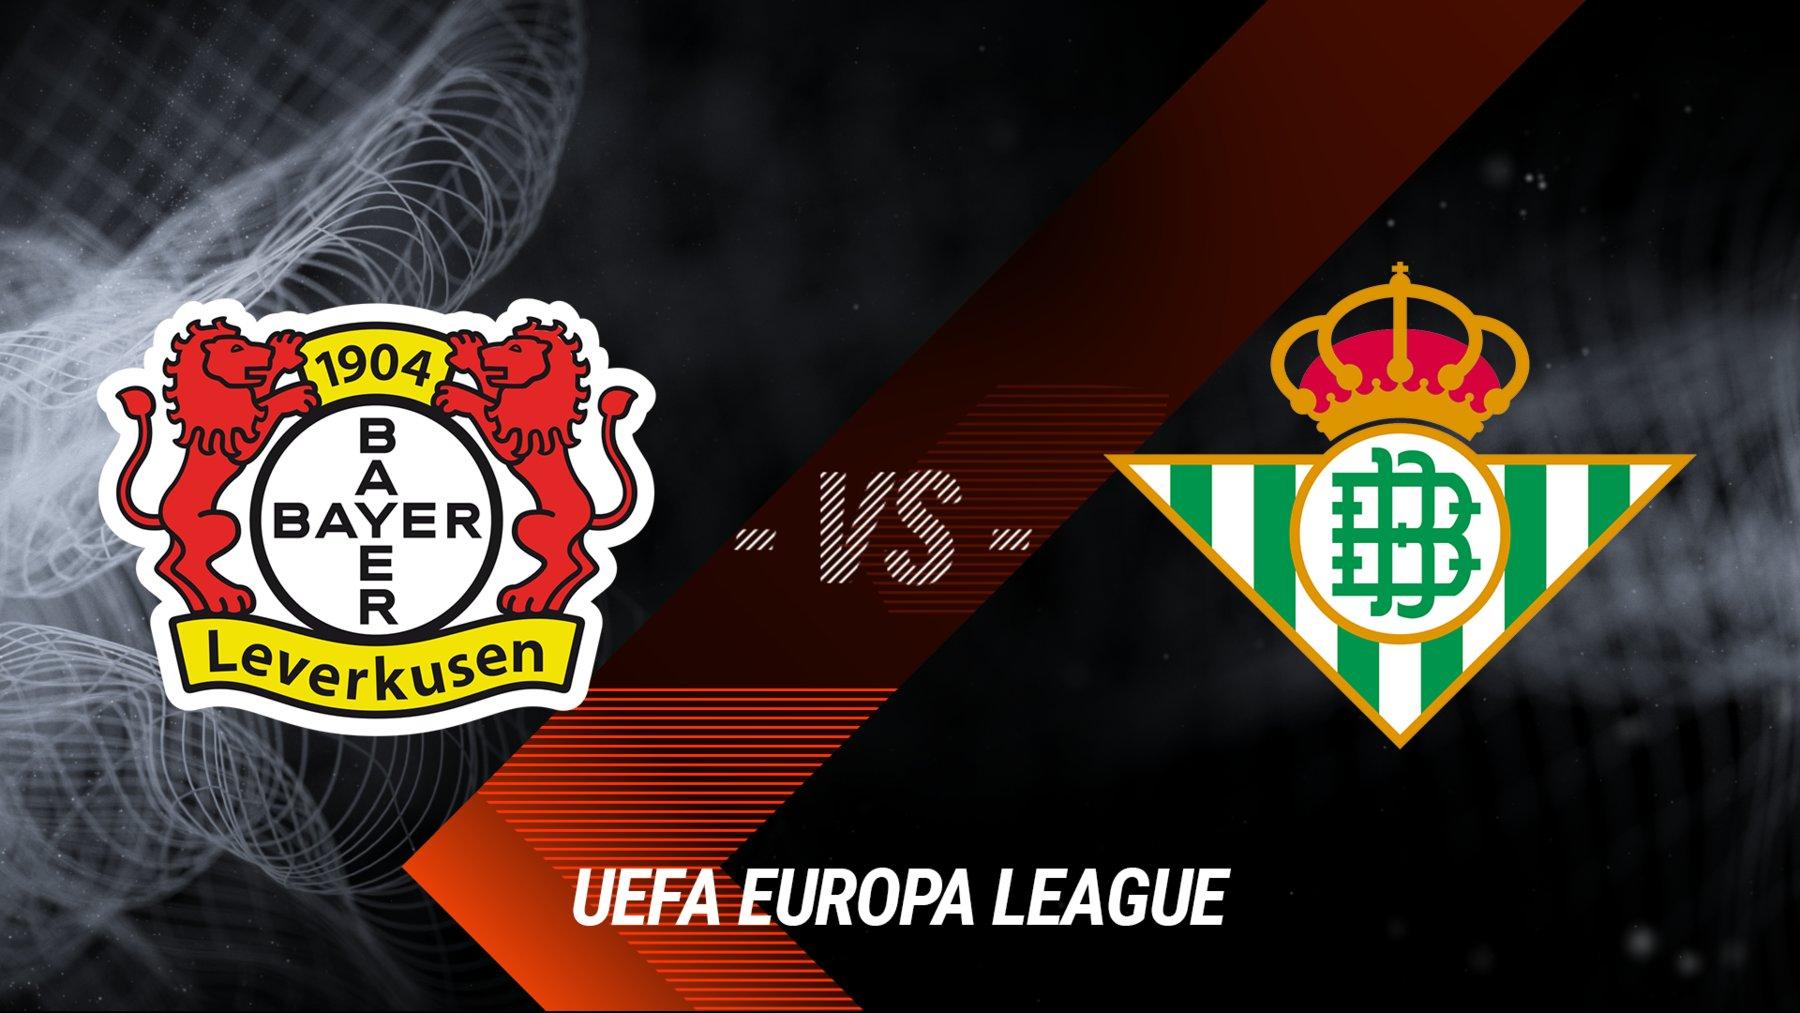 Bayer 04 Leverkusen vs. Betis Sevilla